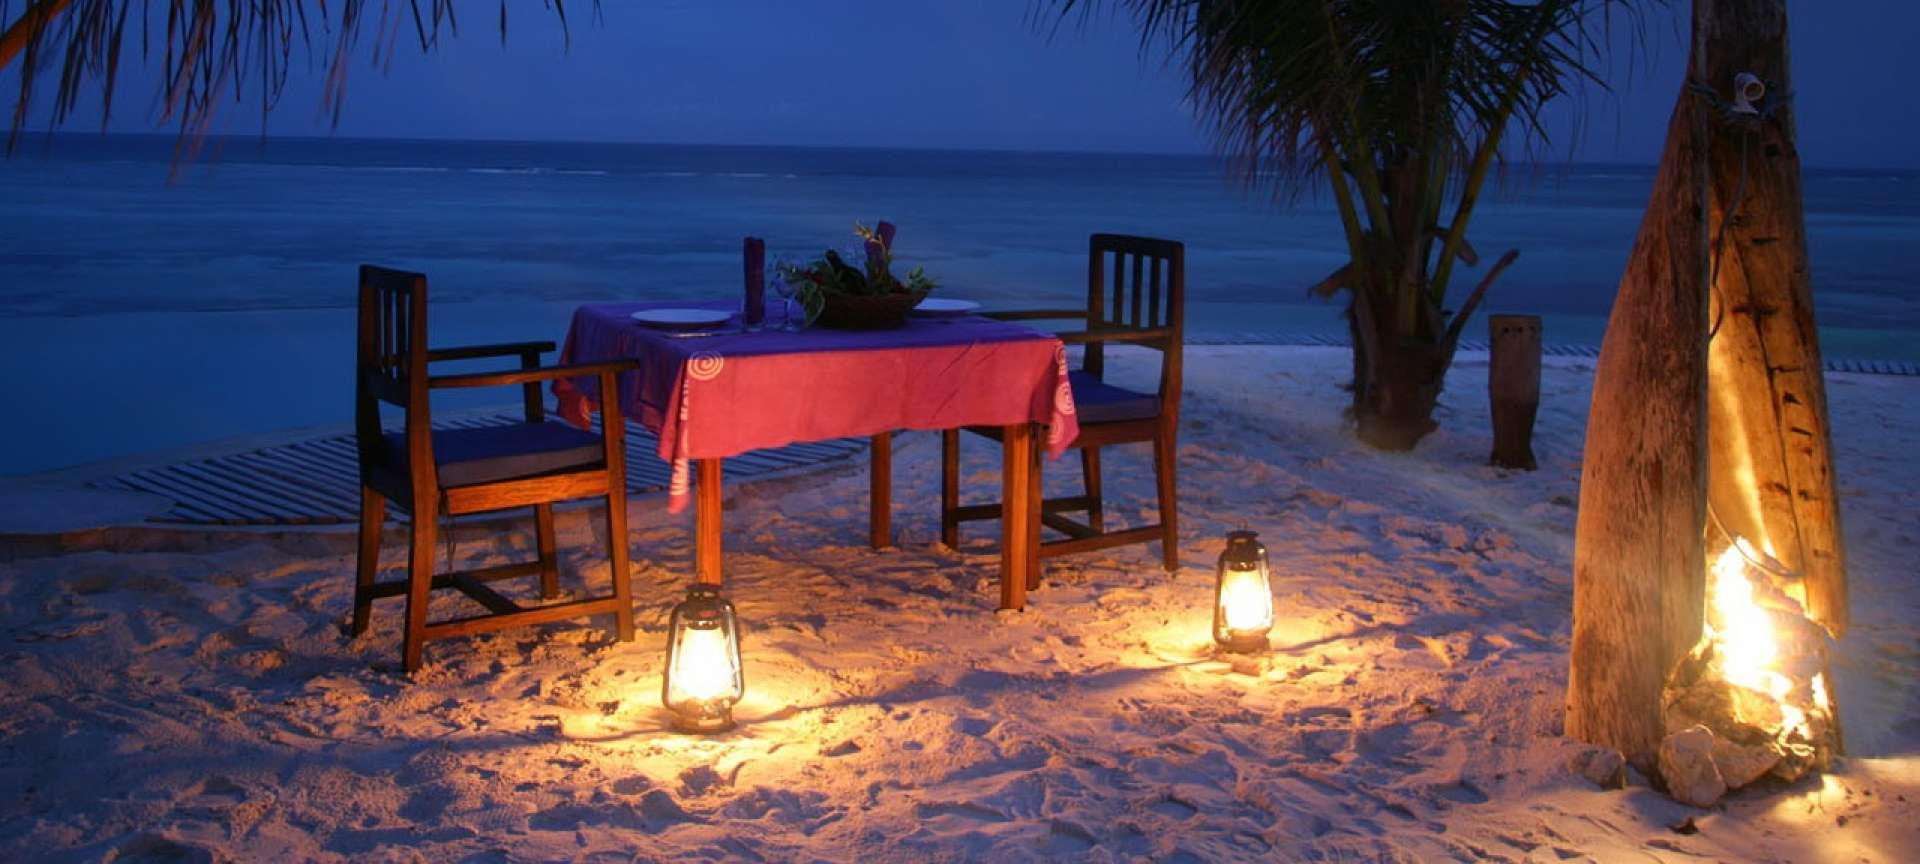 A romantic beach view